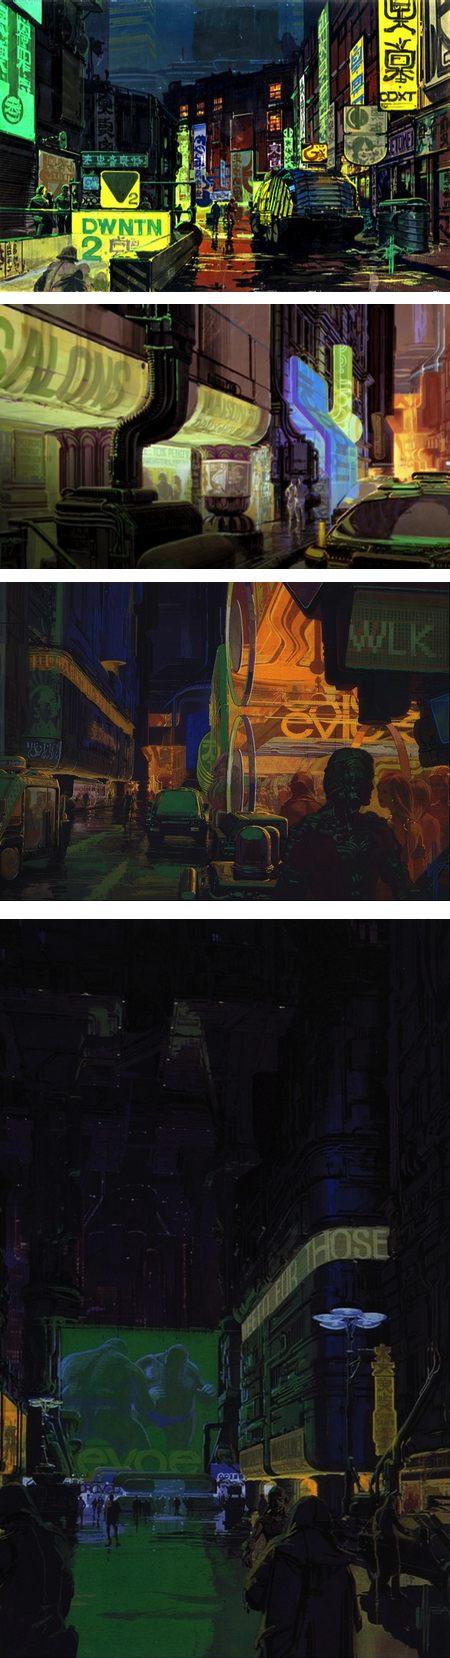 Syd Mead Bladerunner concept art